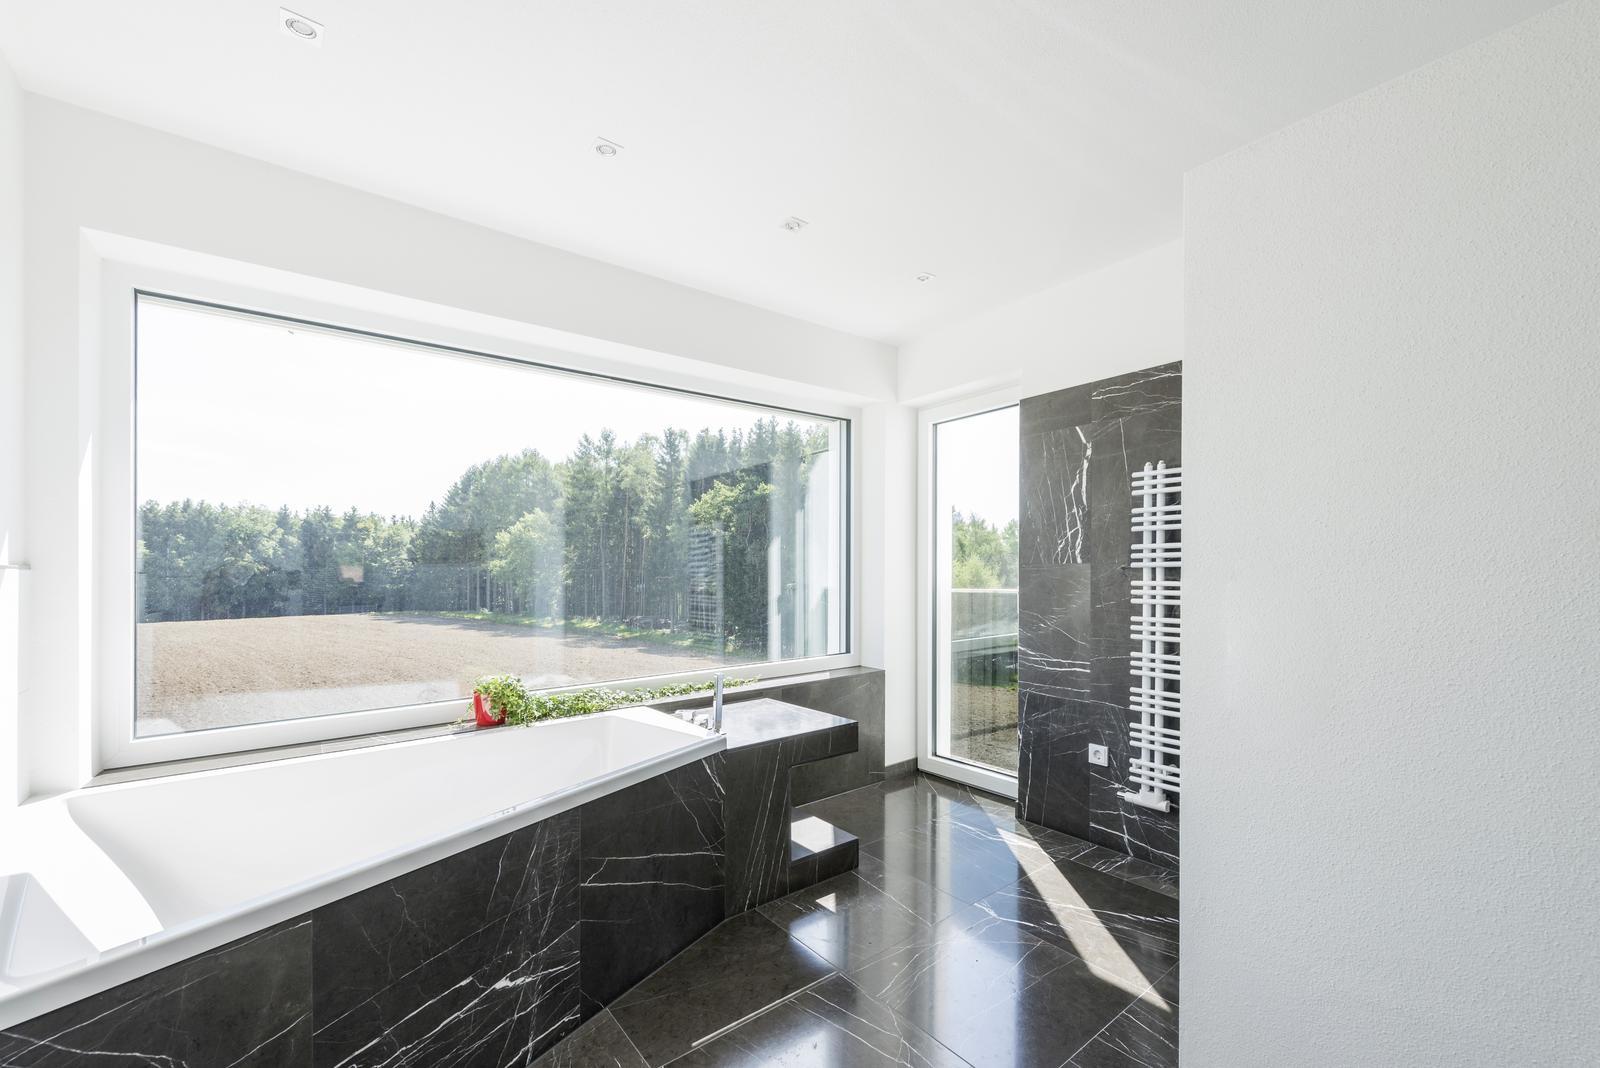 Inšpirujte sa.... kúpeľňa s krásnym výhľadom - Obrázok č. 4